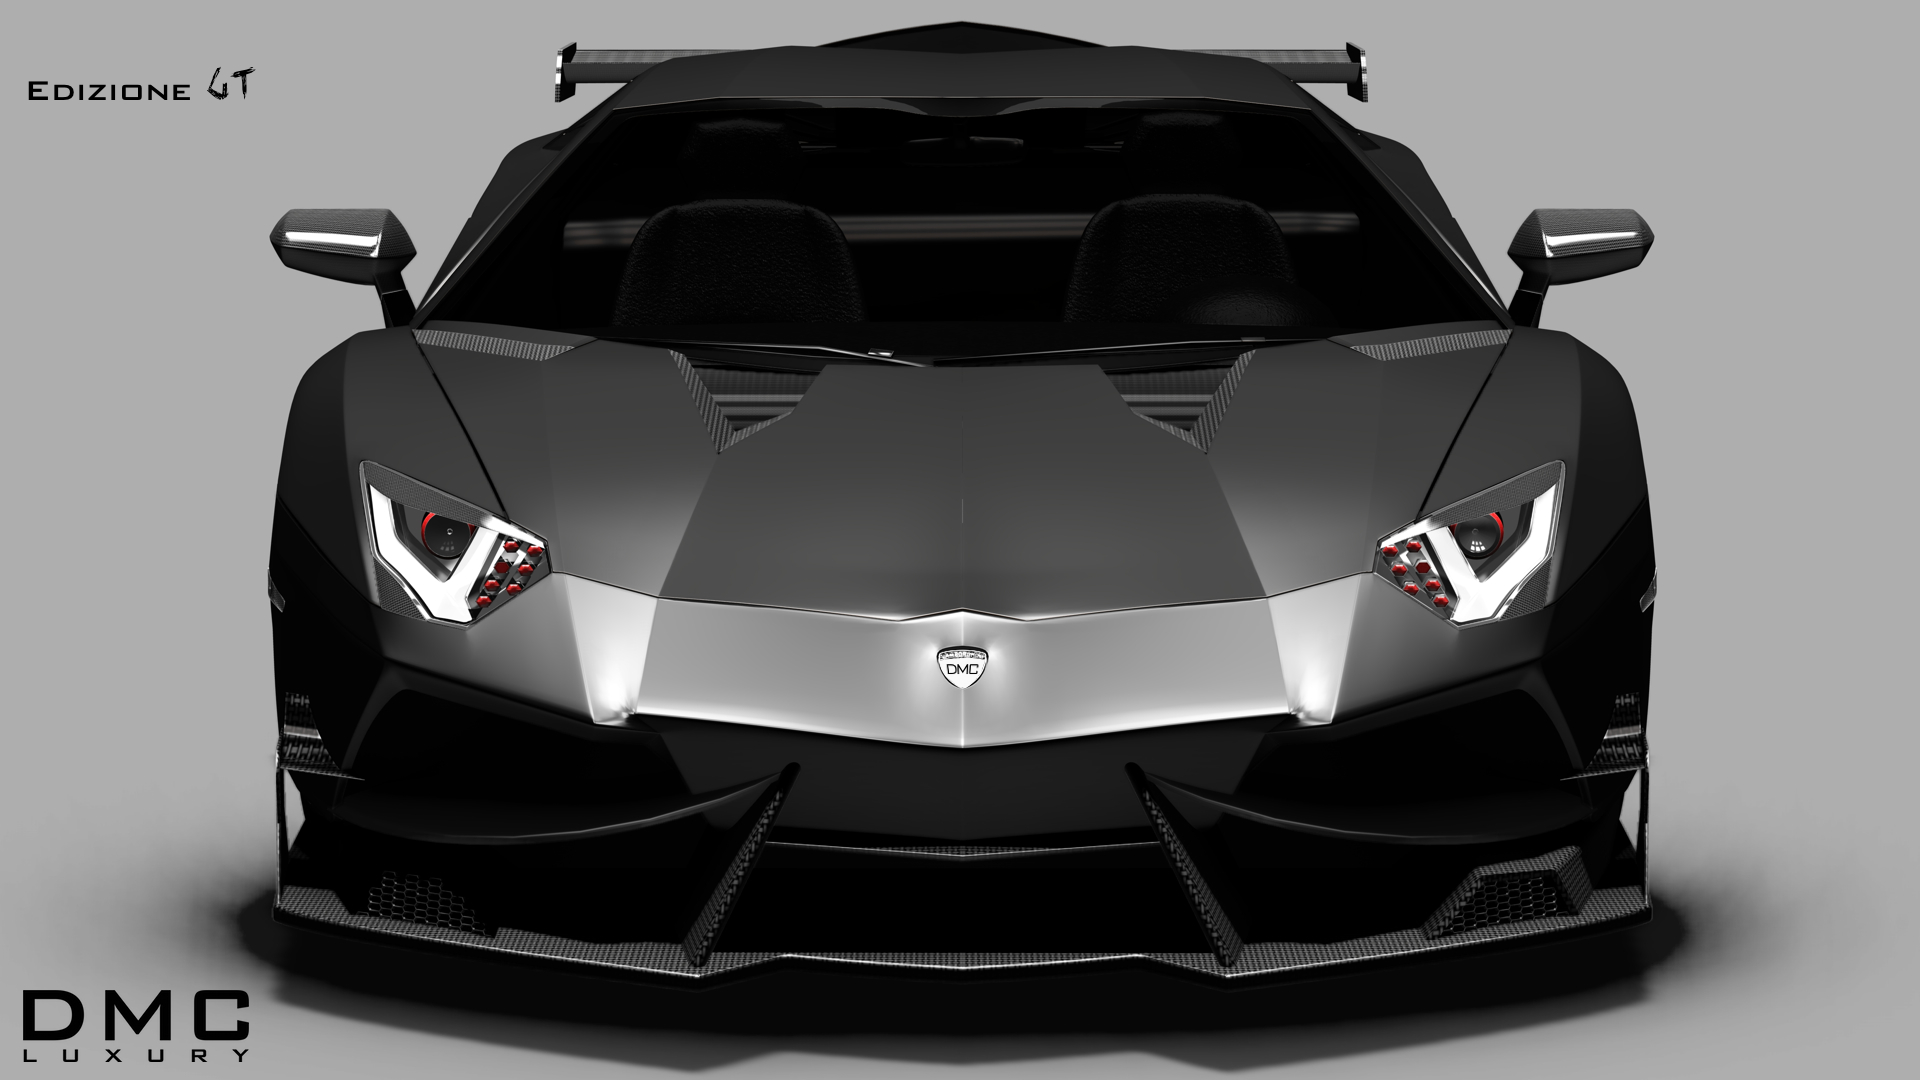 DMC Lamborghini Aventador LP988 EDIZIONE-GT photo #1